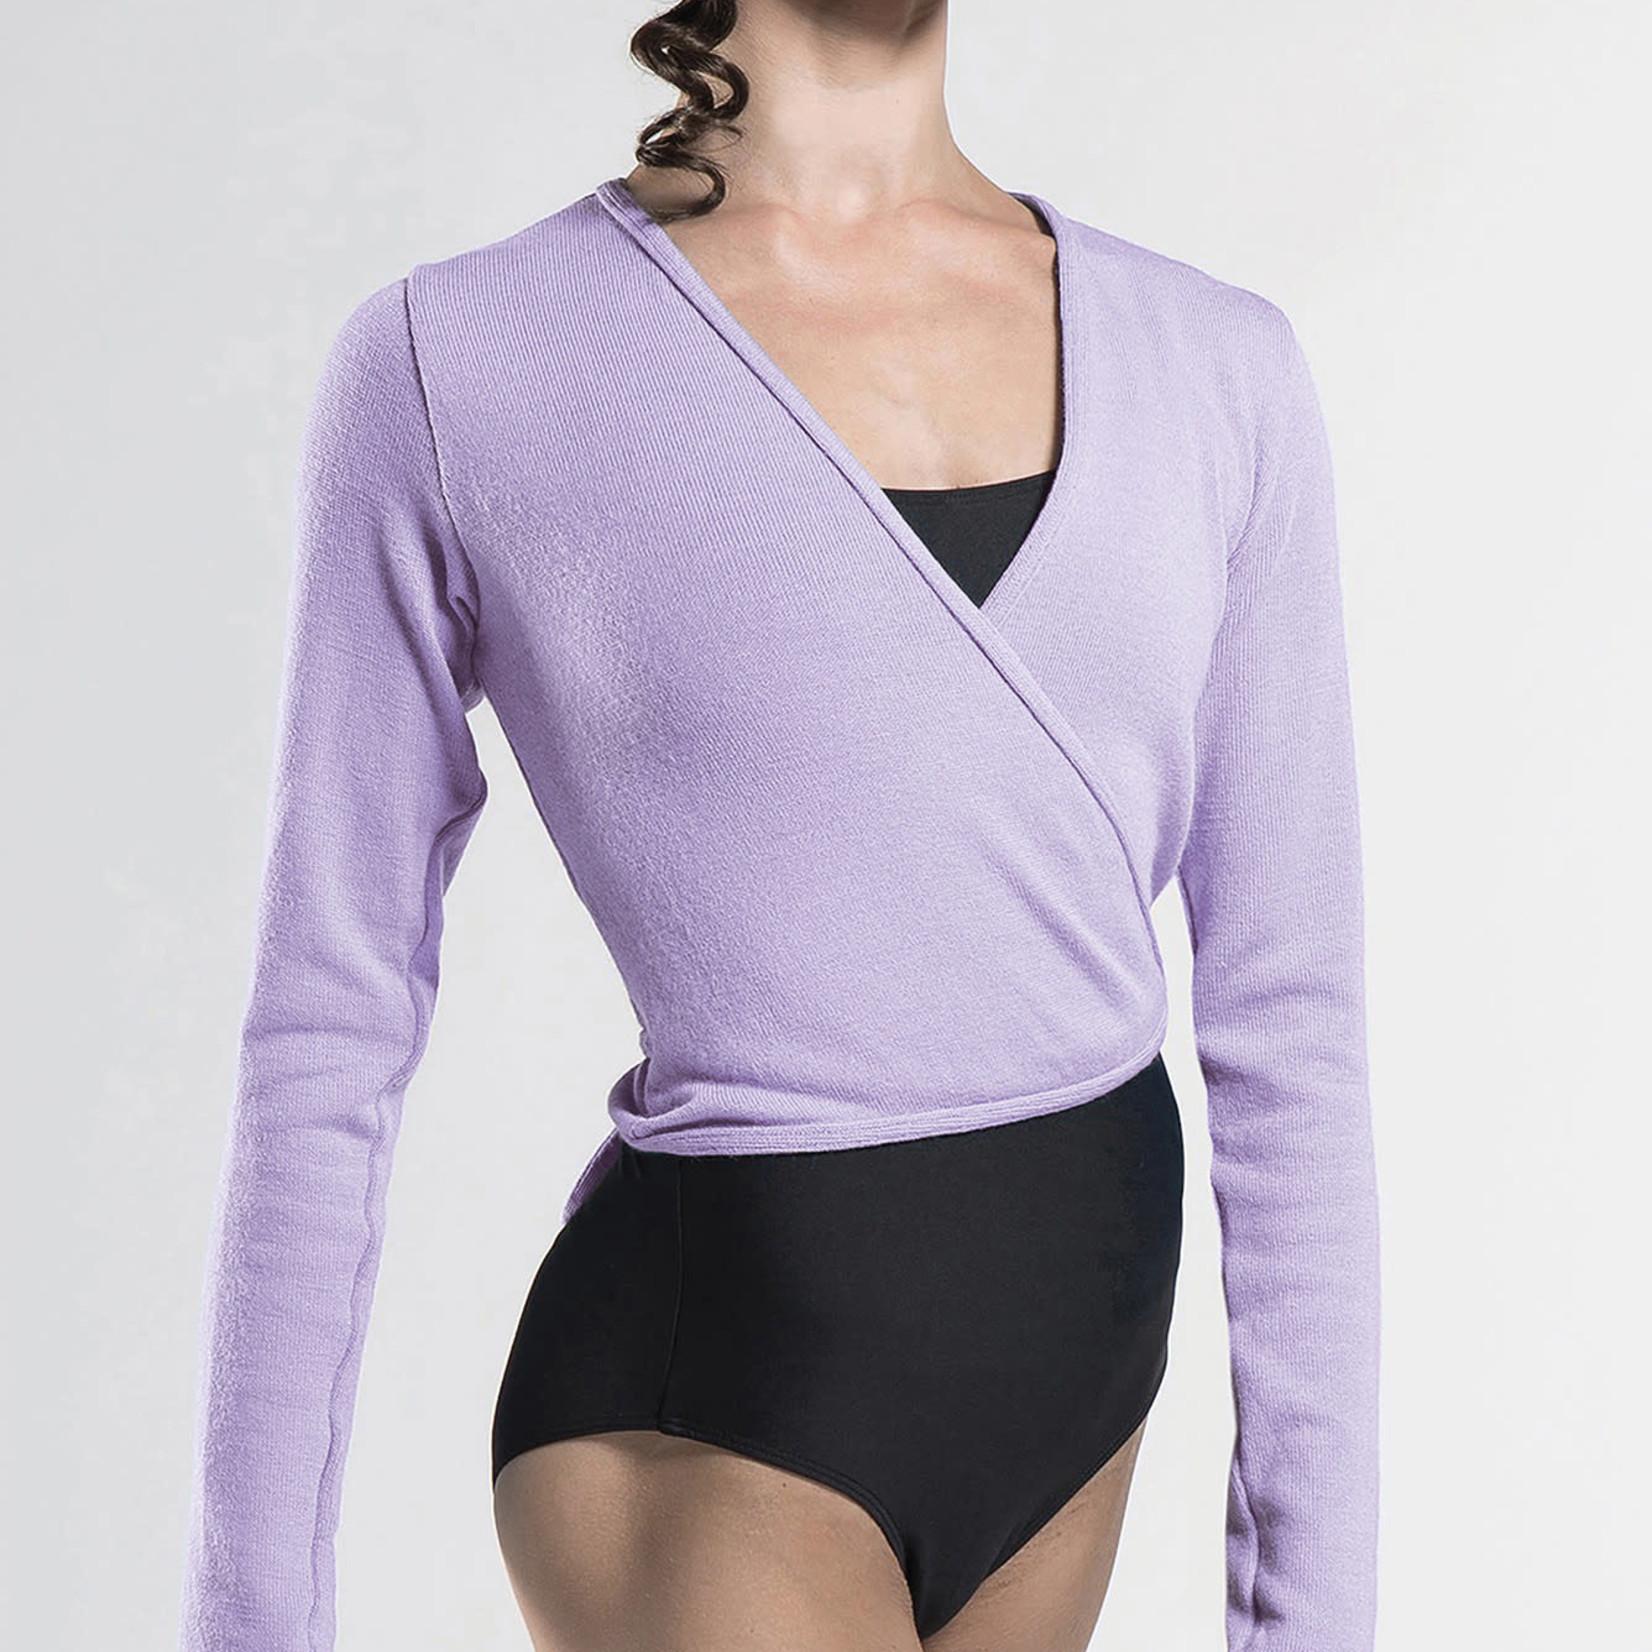 Wear Moi Wear Moi Carmen Adult / Child Wrap Sweater